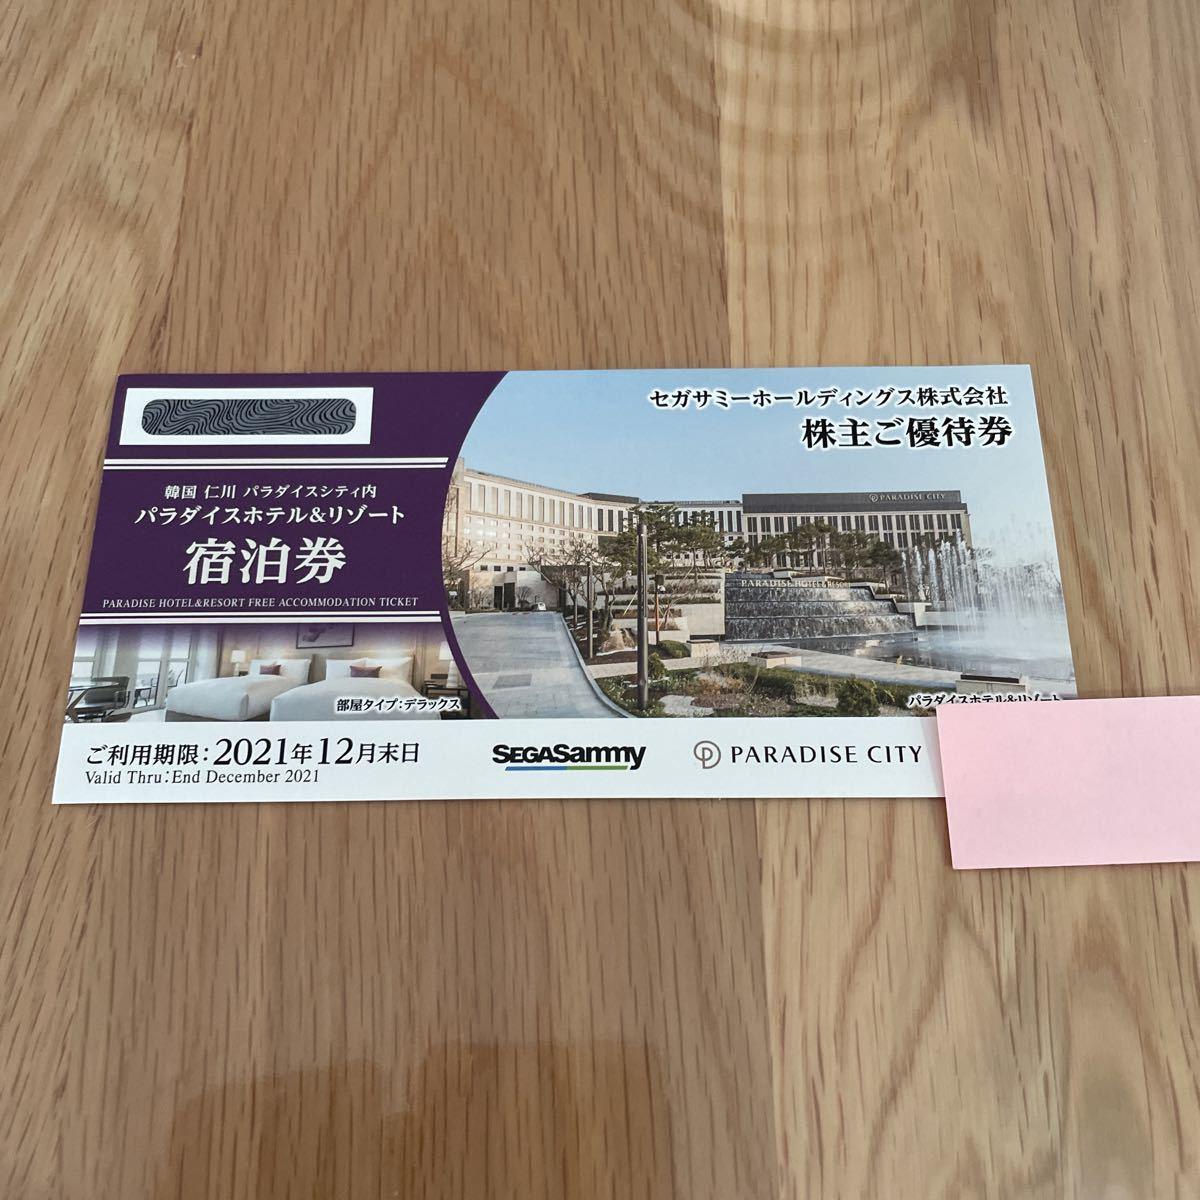 セガサミーホールディングス株主優待券 仁川パラダイスホテル&リゾート(2名)宿泊券_画像1